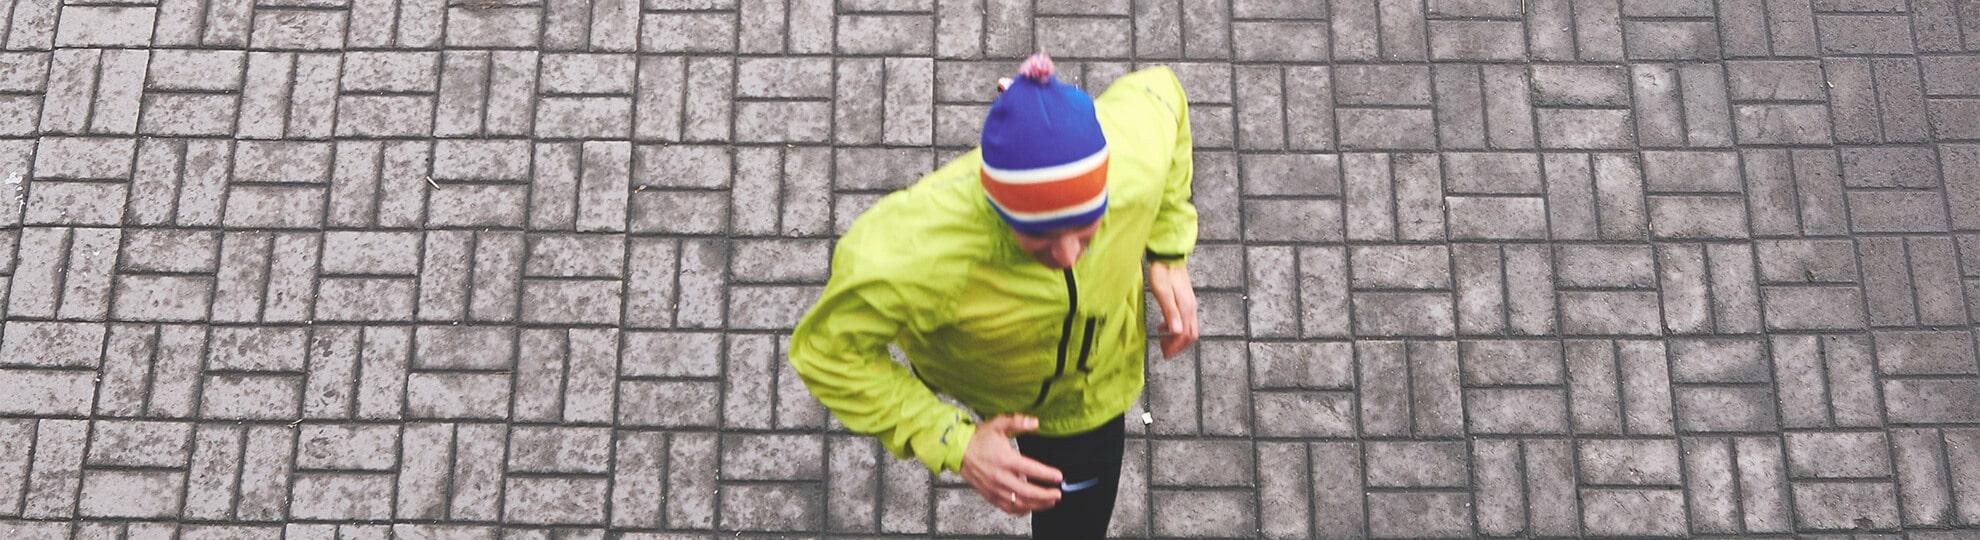 Hardloopschema 10 km beginner